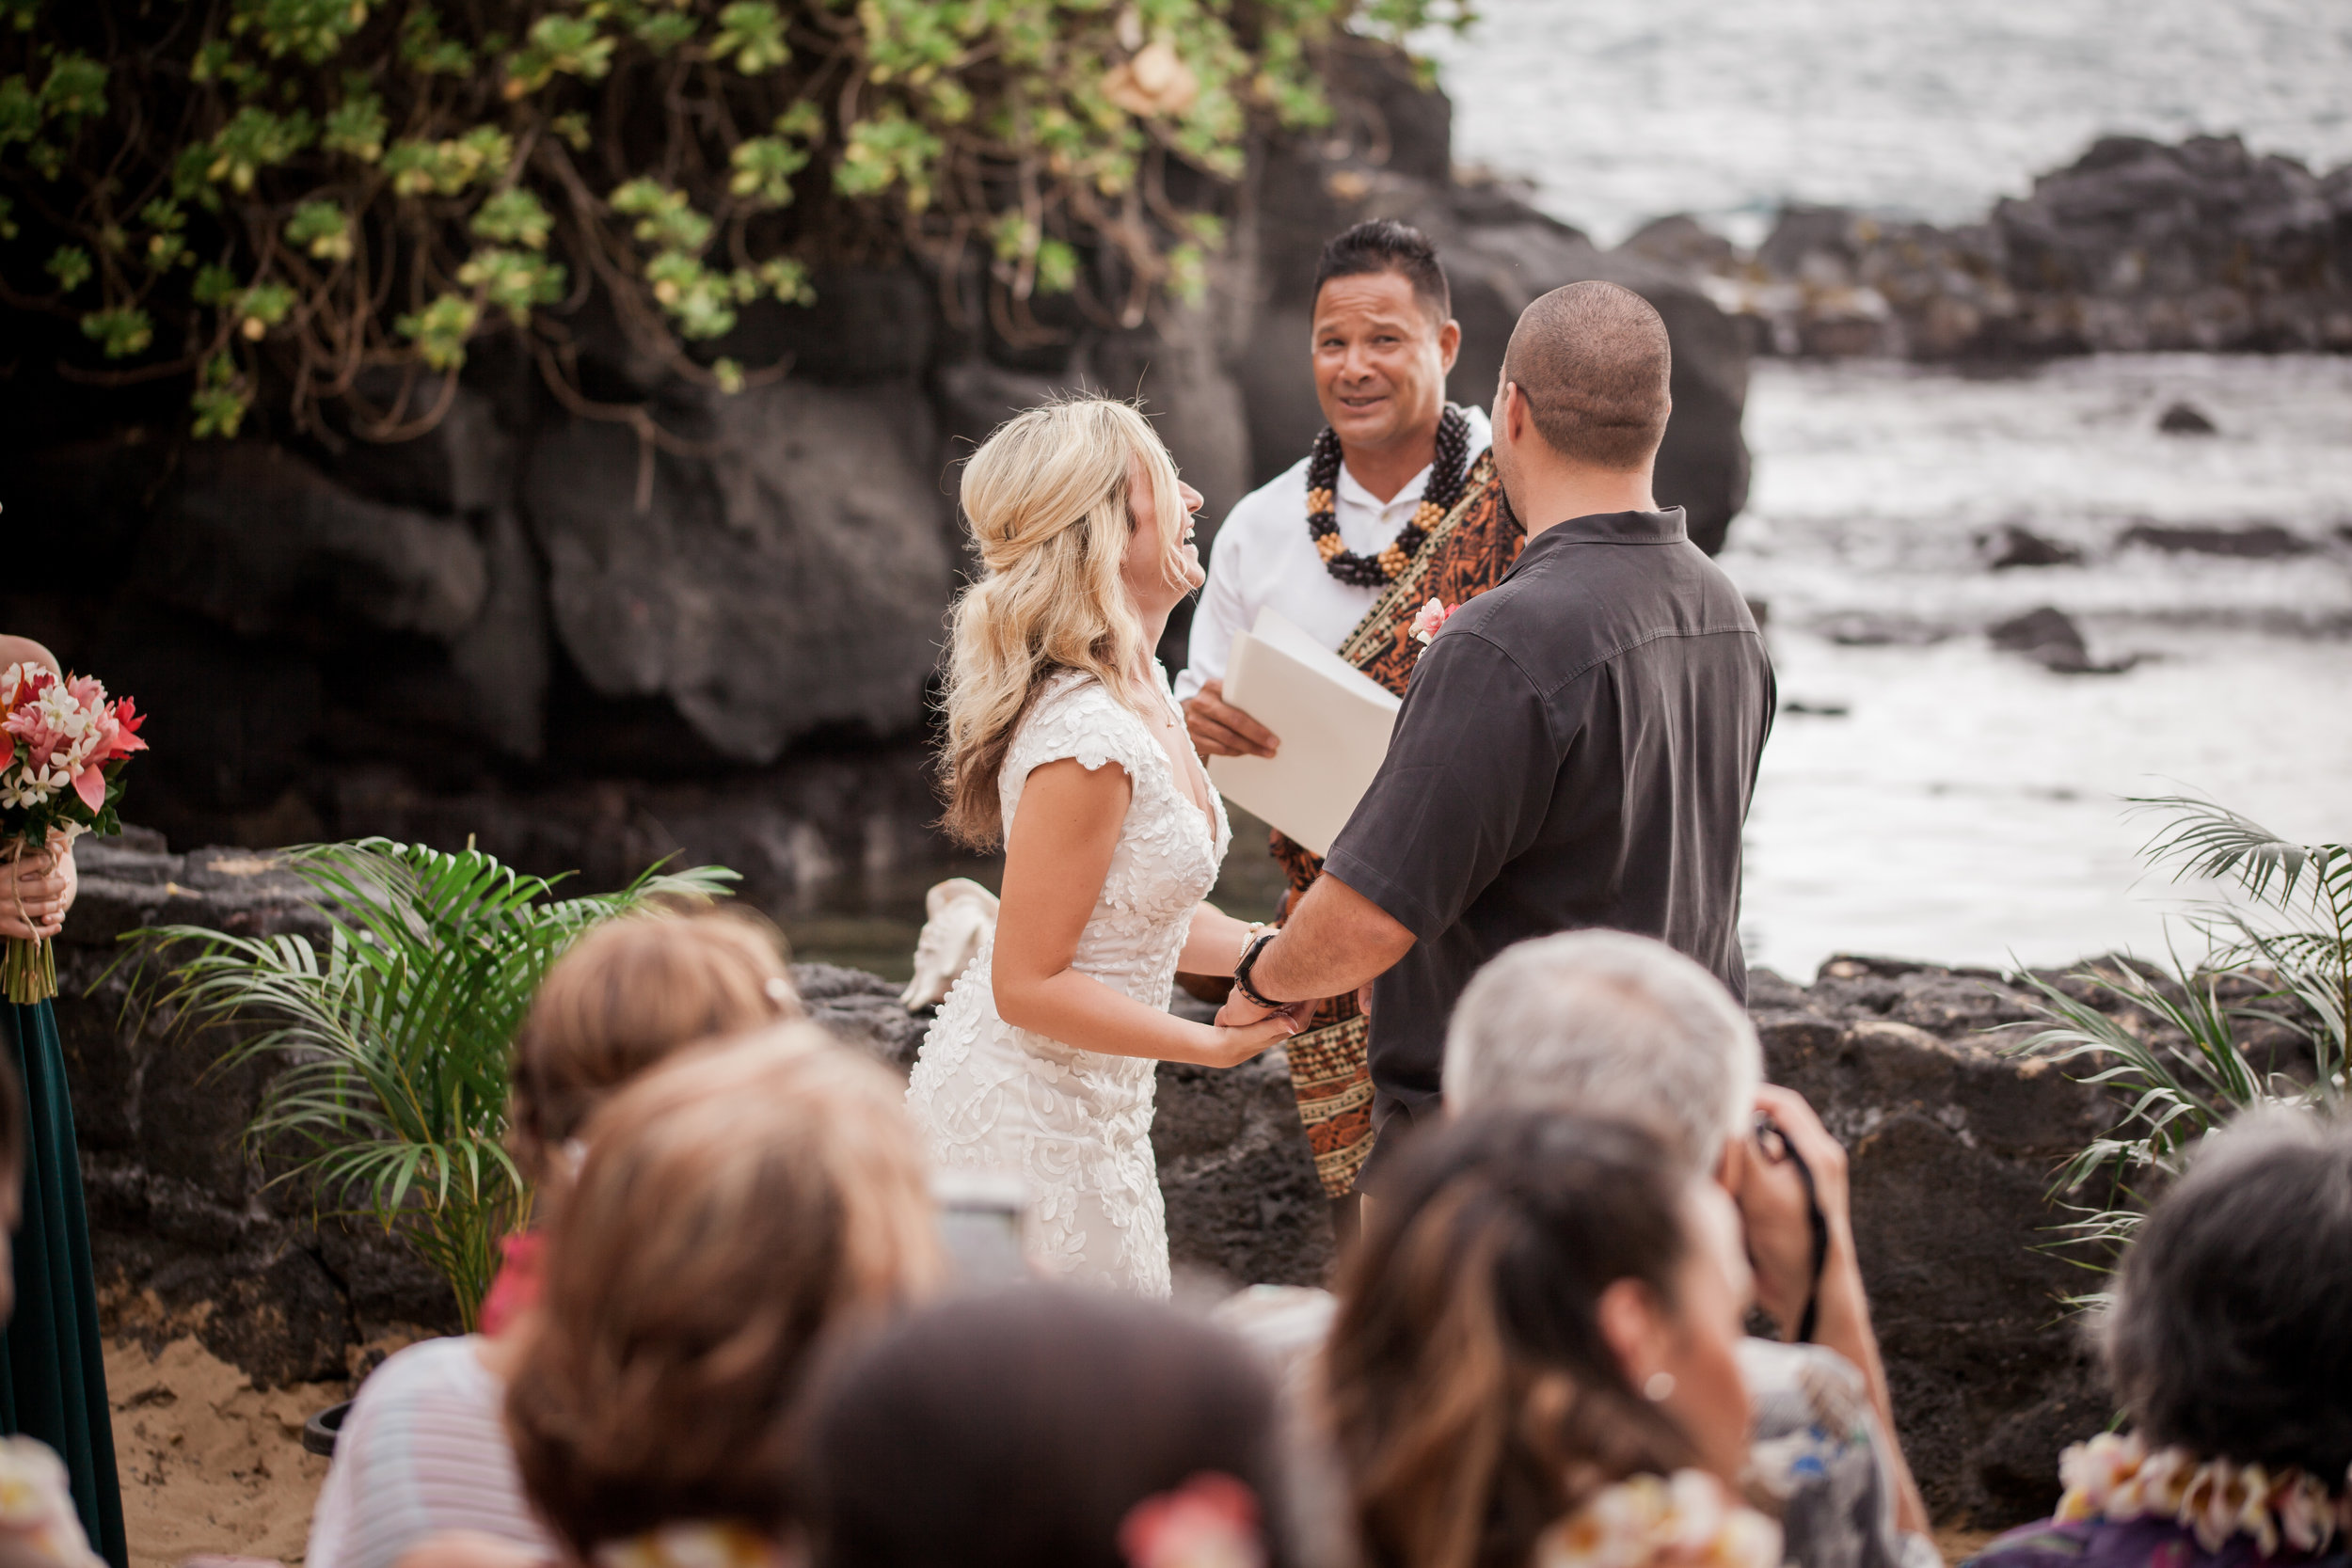 big island hawaii royal kona resort beach wedding © kelilina photography 20170520165508.jpg